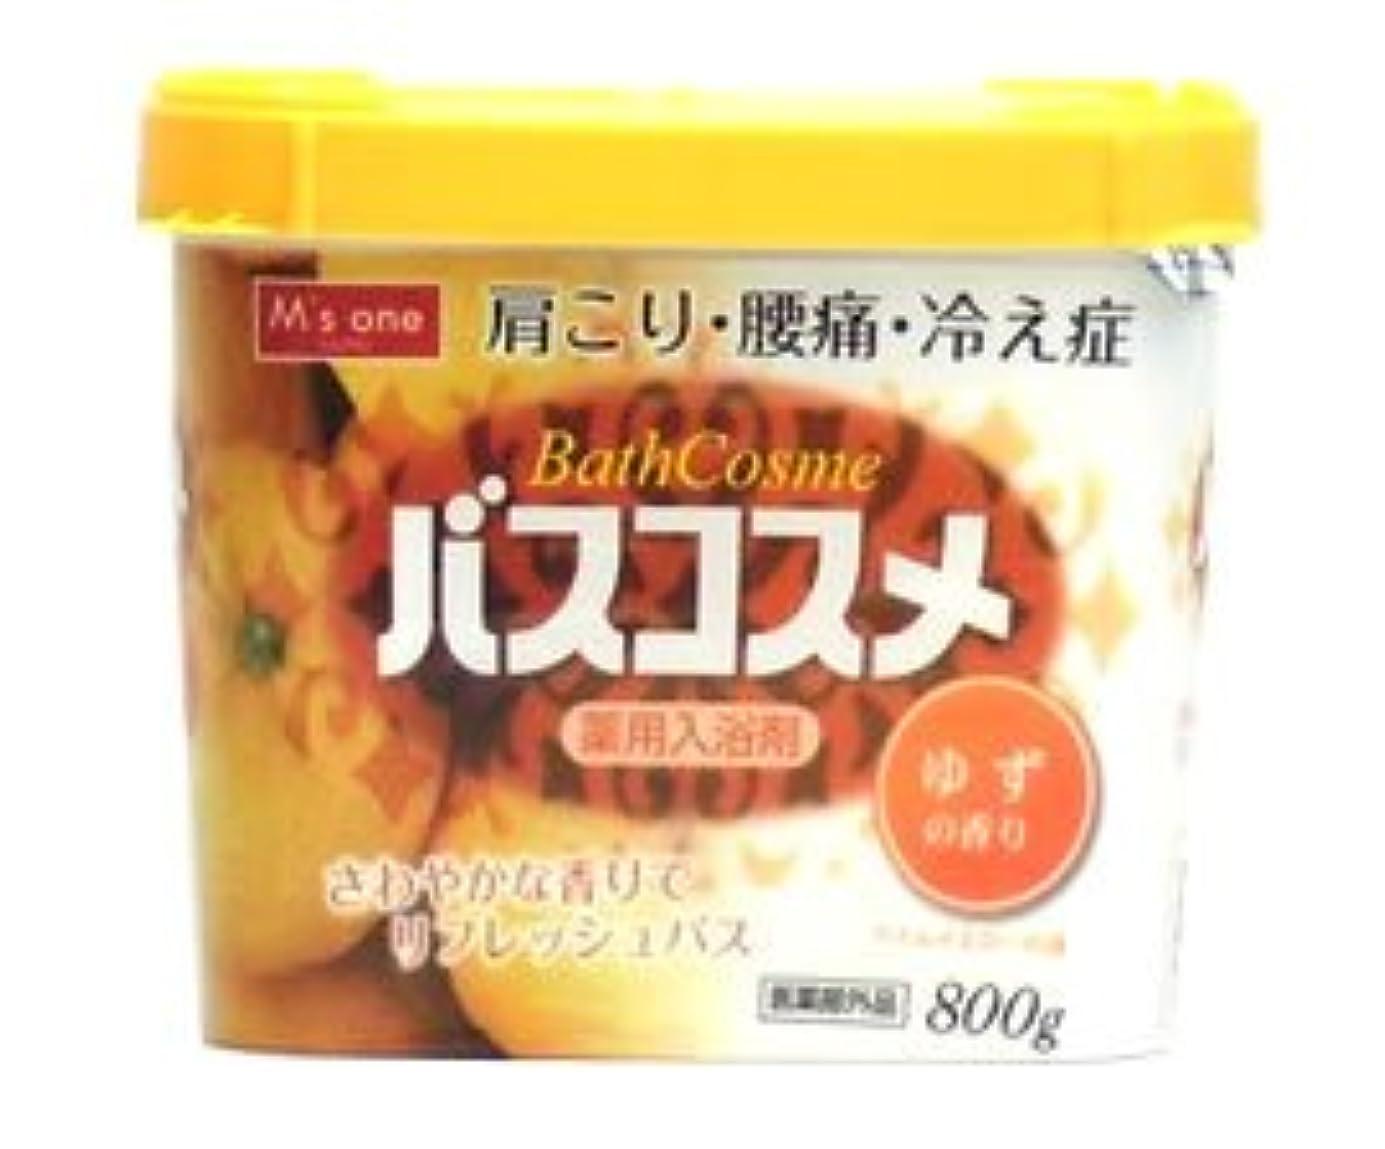 広告臨検予言するエムズワン バスコスメ 薬用入浴剤 ゆずの香り (800g) 【医薬部外品】